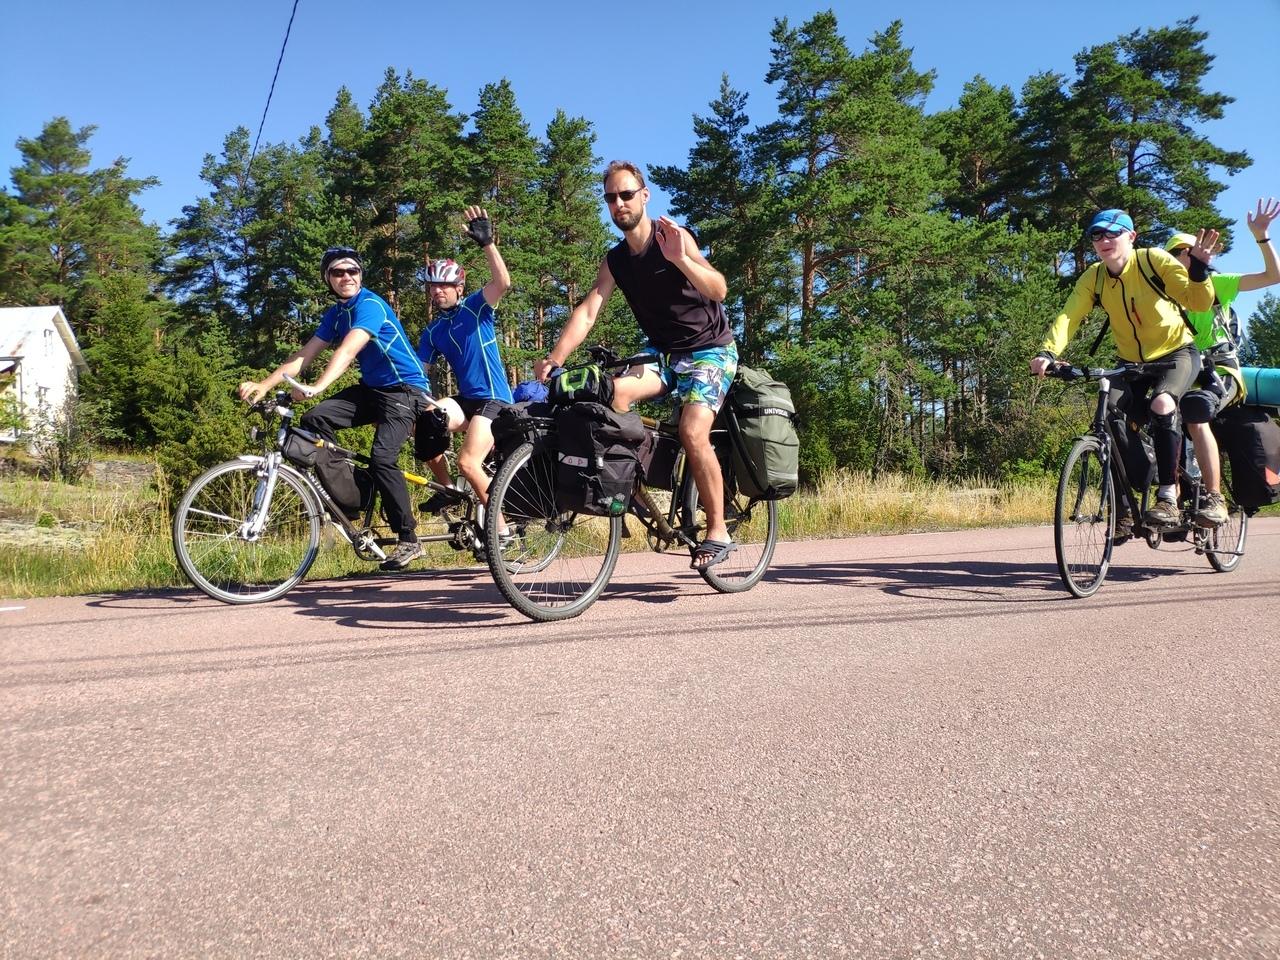 От Петербурга до Хельсинки через Аландские острова – слабовидящие спортсмены преодолели 410 км в ходе вело-водного пробега (Иллюстрация 1 из 1) (Фото: БФ